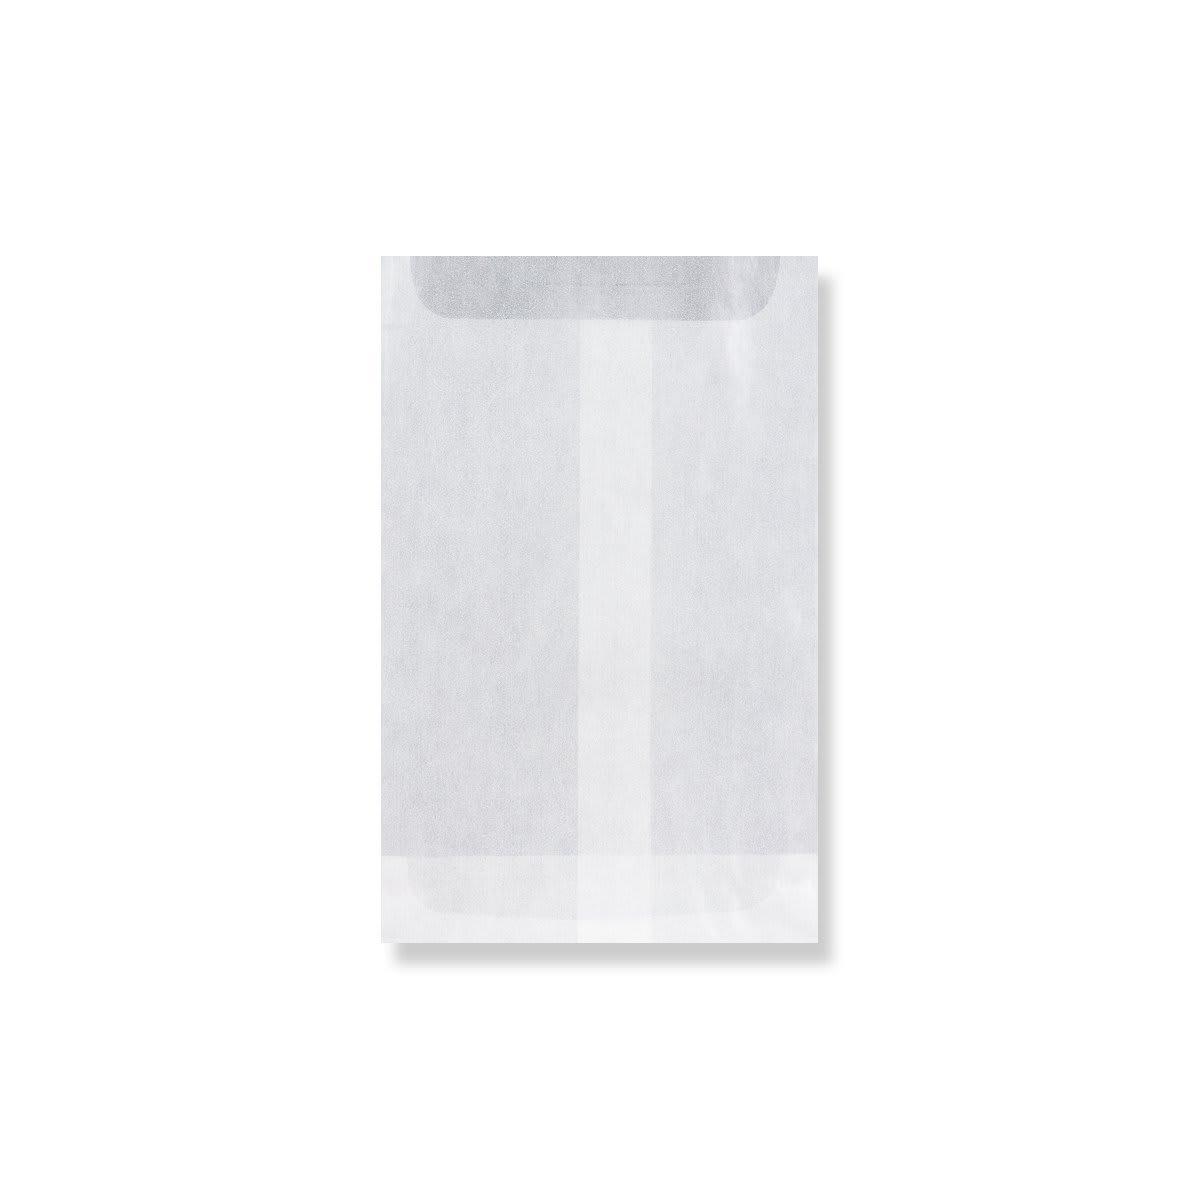 145 x 105 MM GLASSINE ENVELOPES